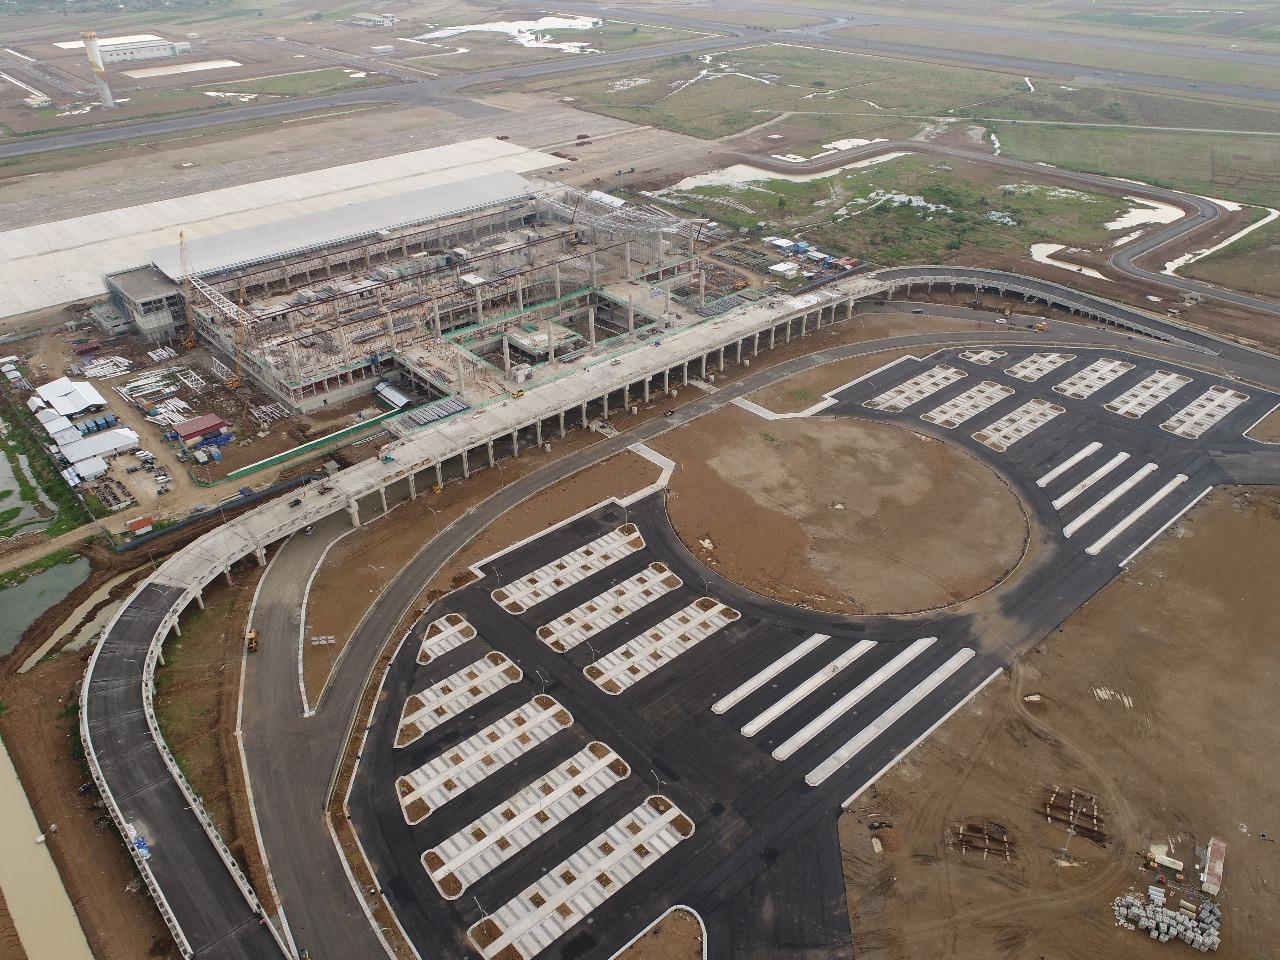 Kejar target, Bandara Kertajati Dikebut Siang Malam